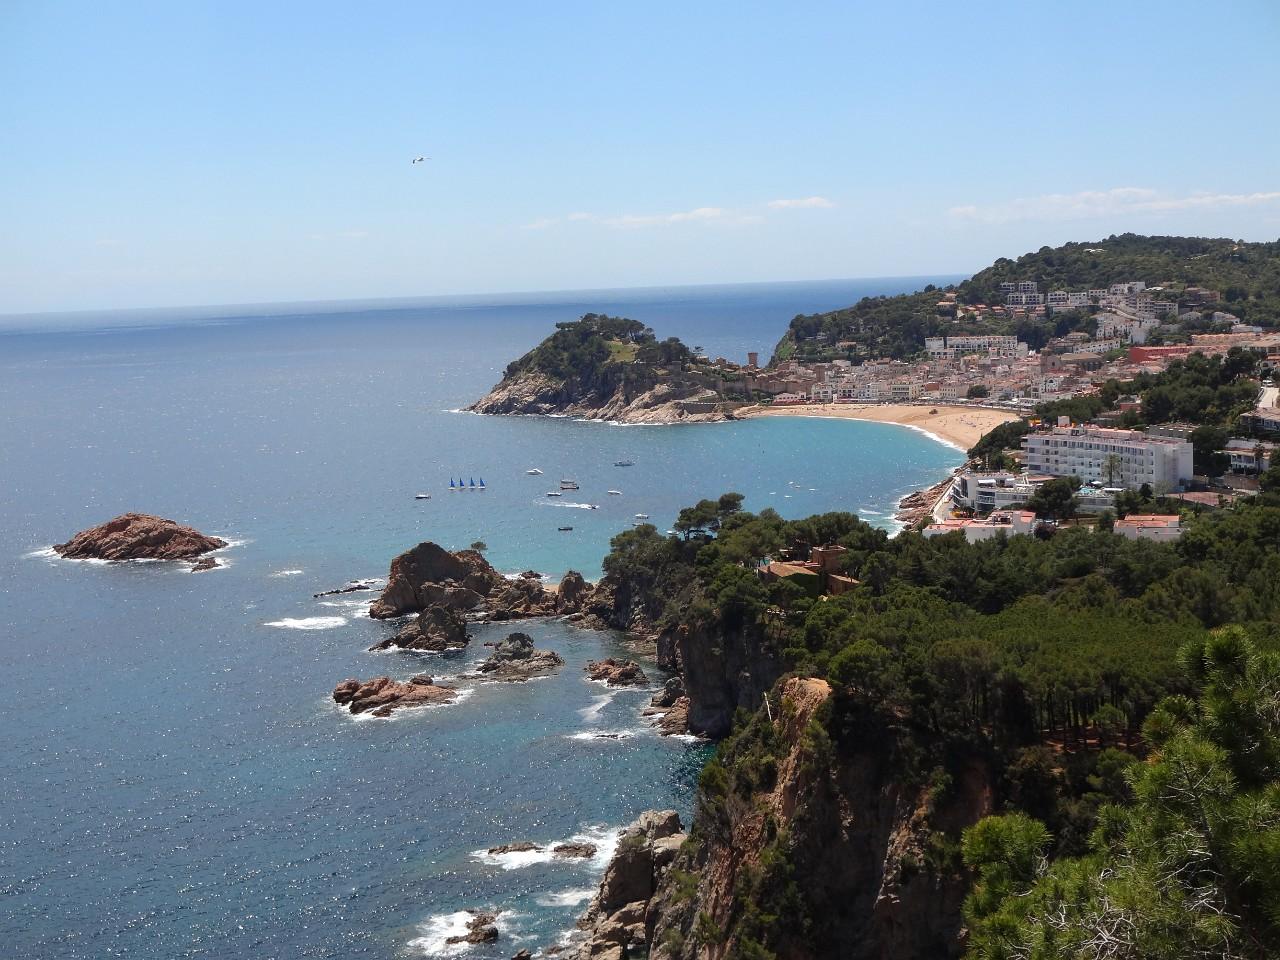 Scenic stops on the coastal route between Tossa de Mar and San Feliu de Guixols